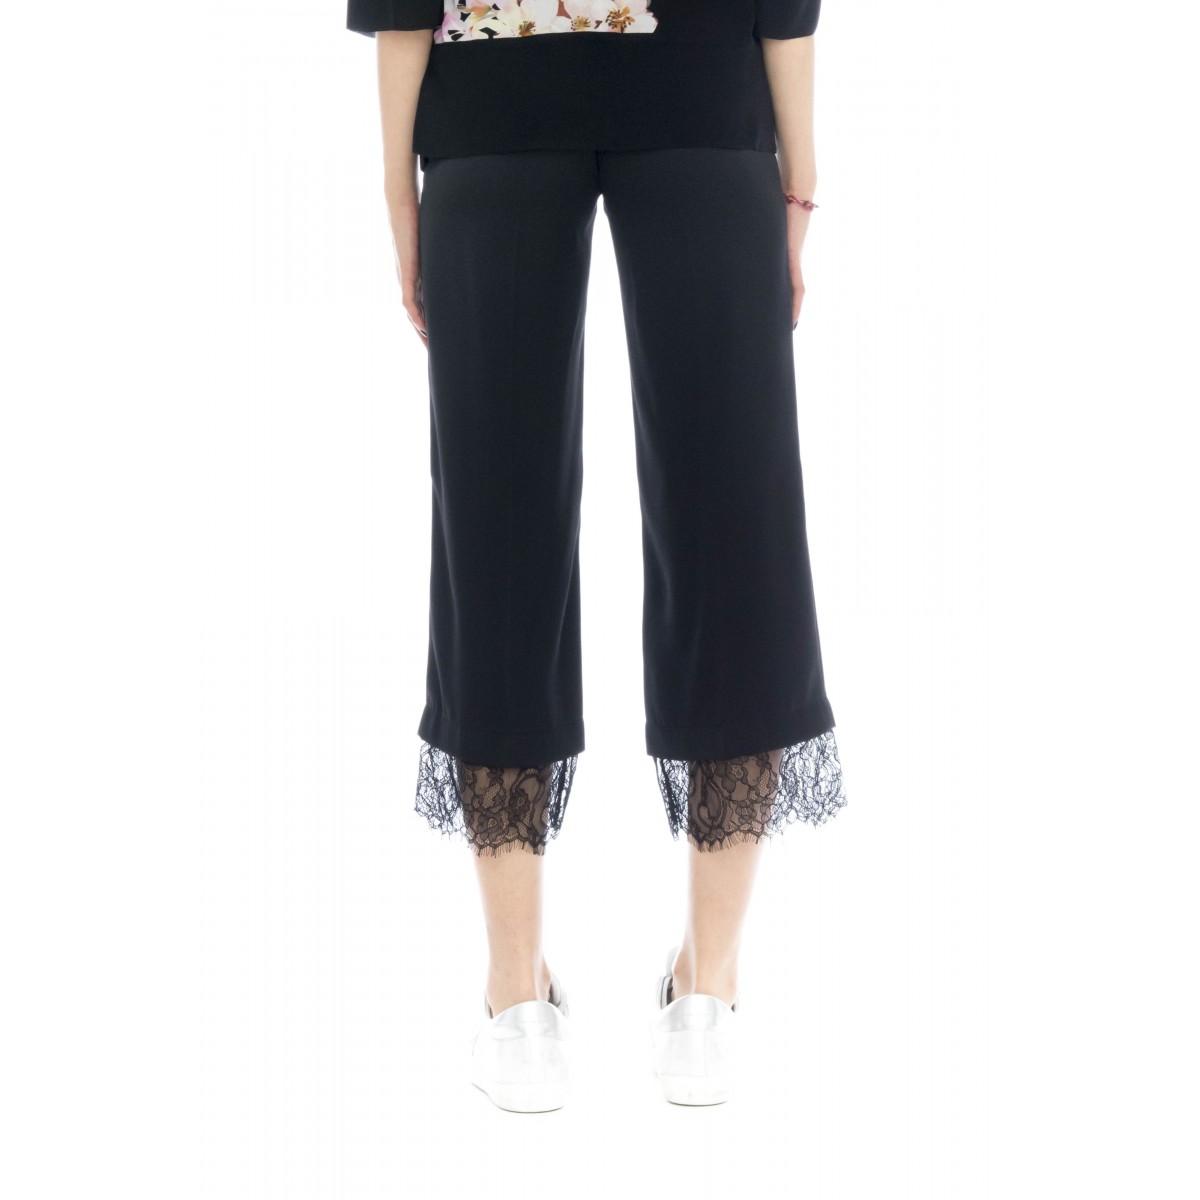 Pantalone donna - 2730 pantalone fluido piu pizzo